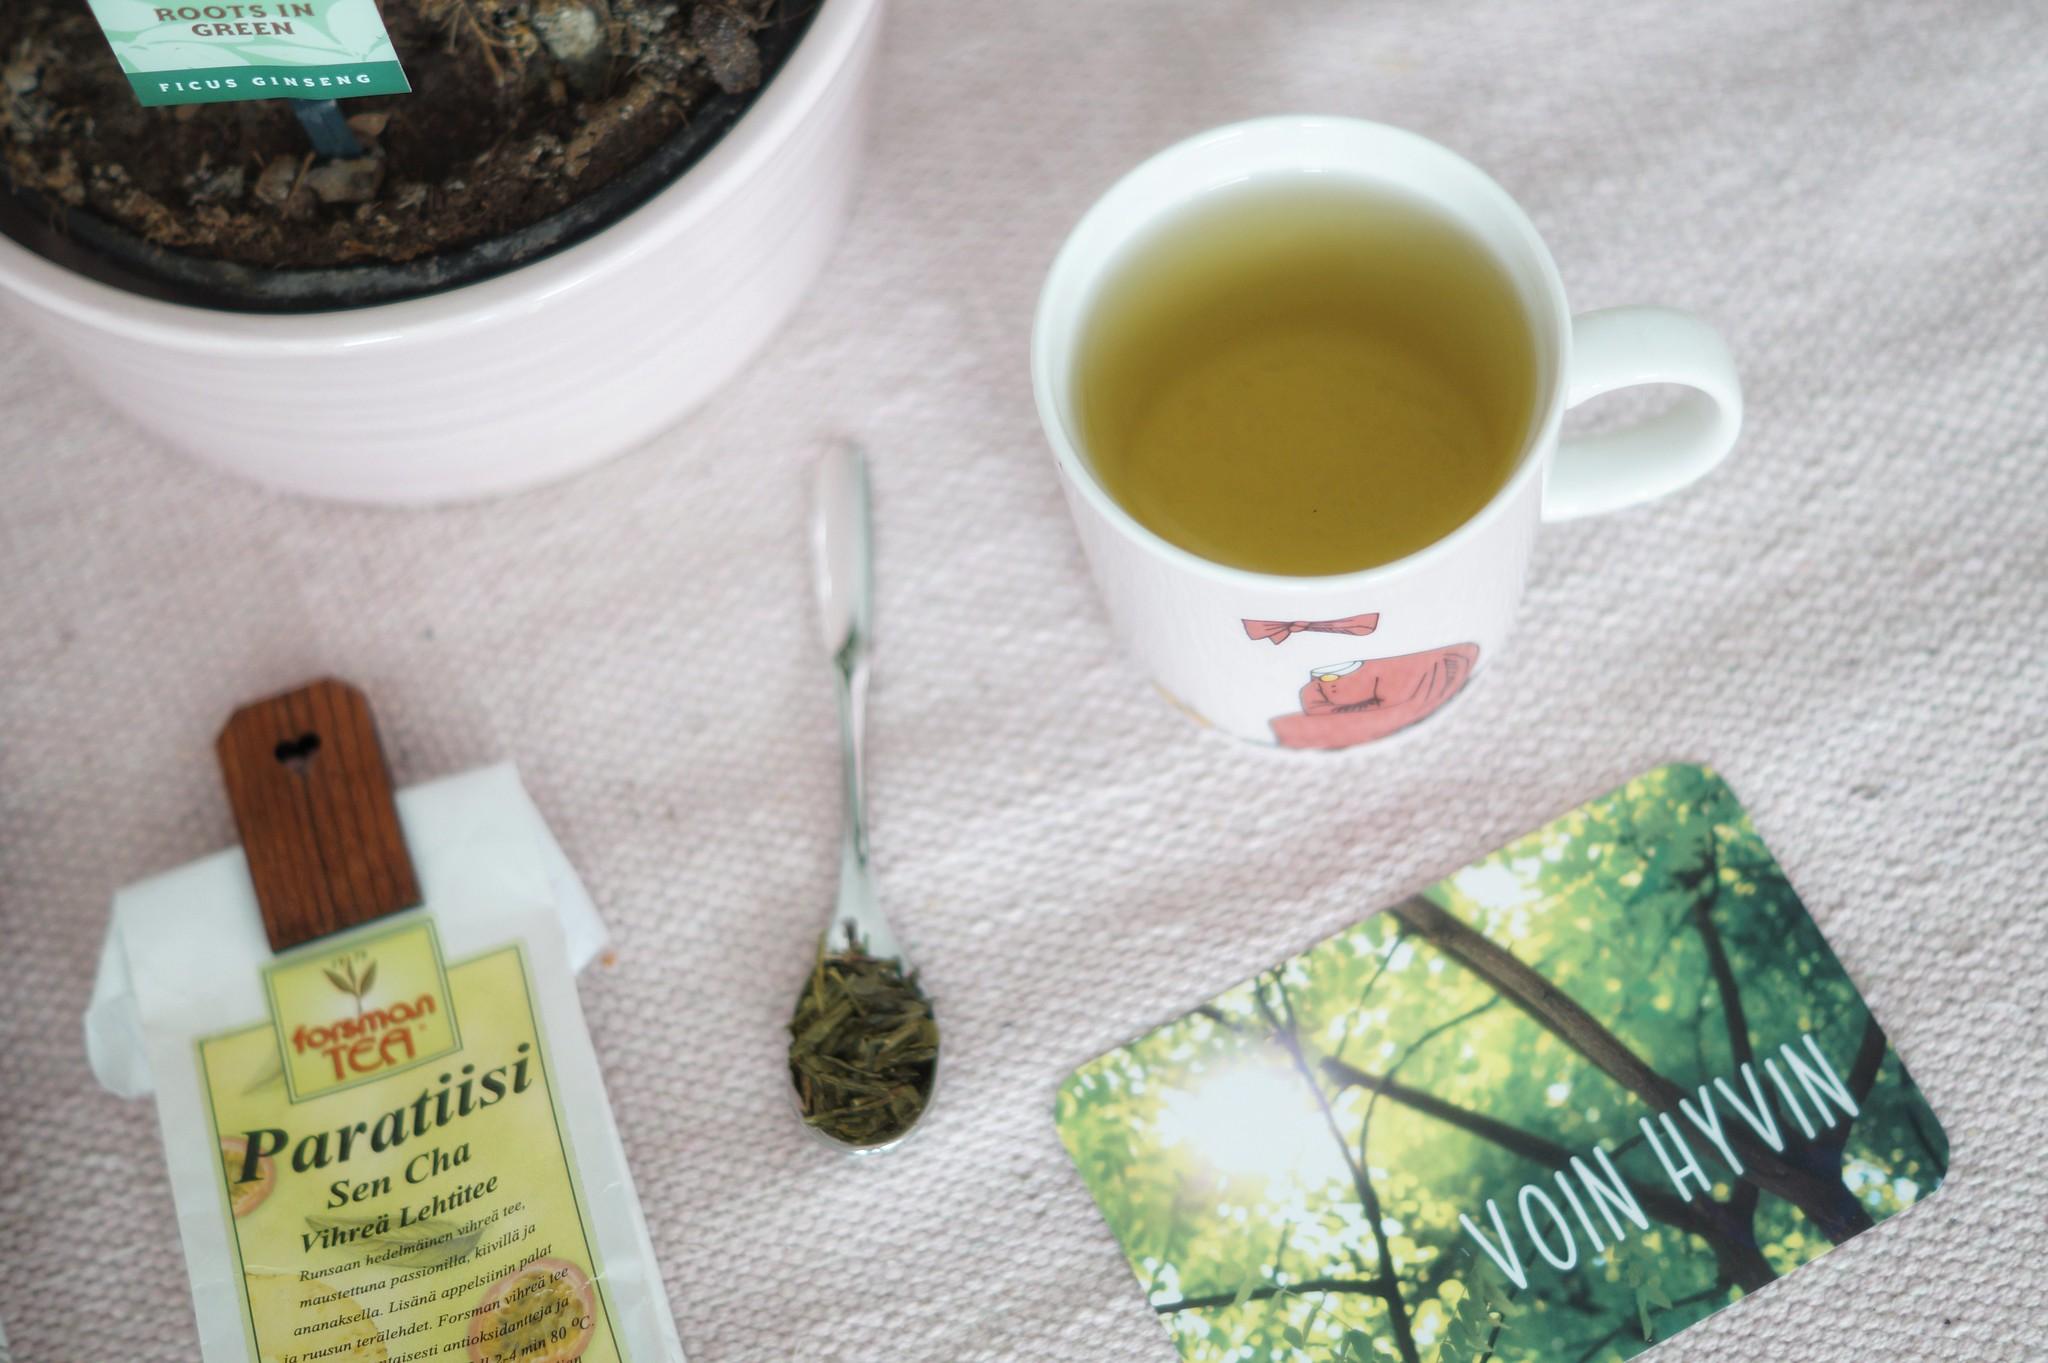 vihreä tee terveyshyödyt 1